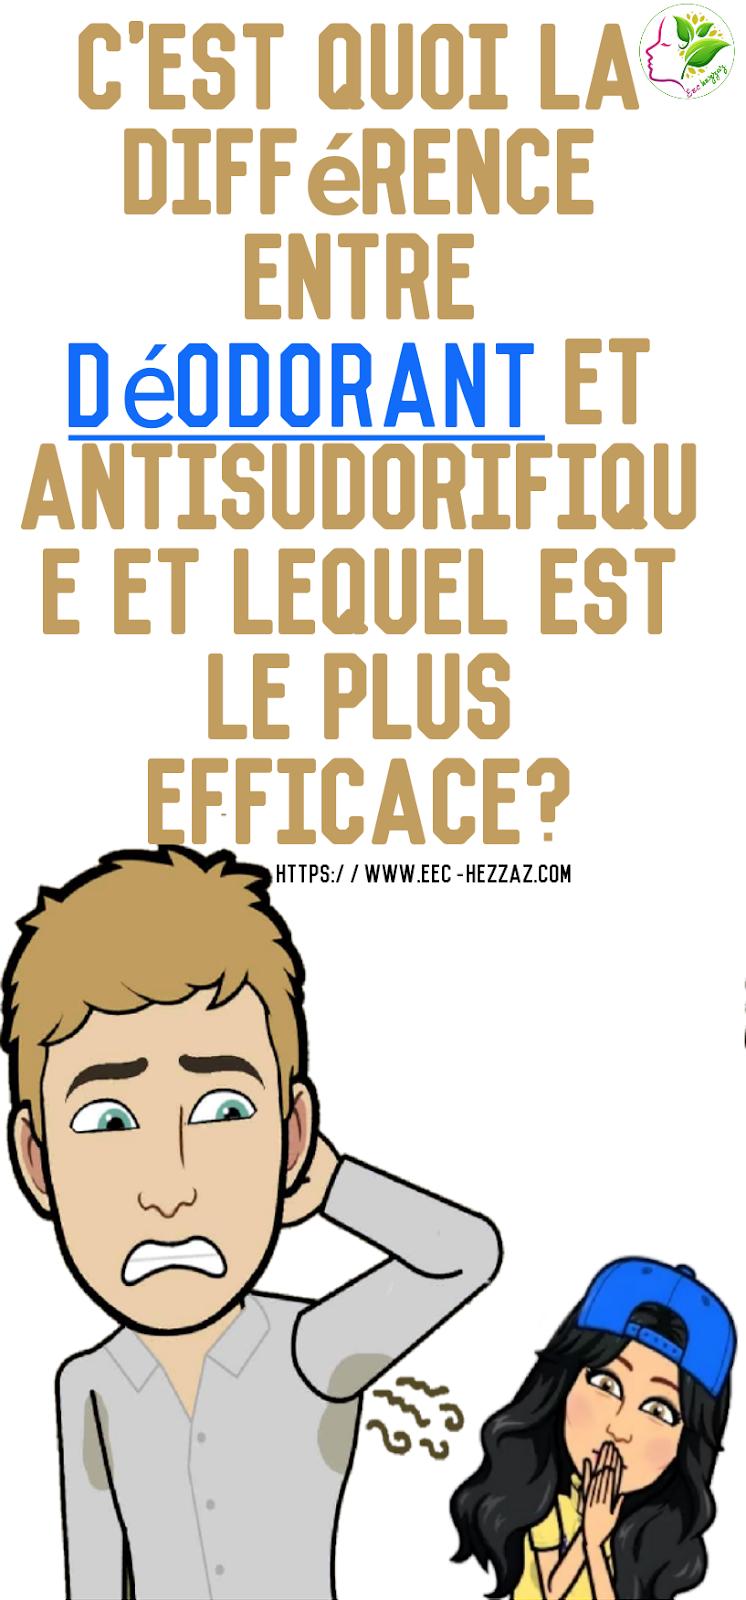 C'est quoi la différence entre déodorant et antisudorifique et lequel est le plus efficace?